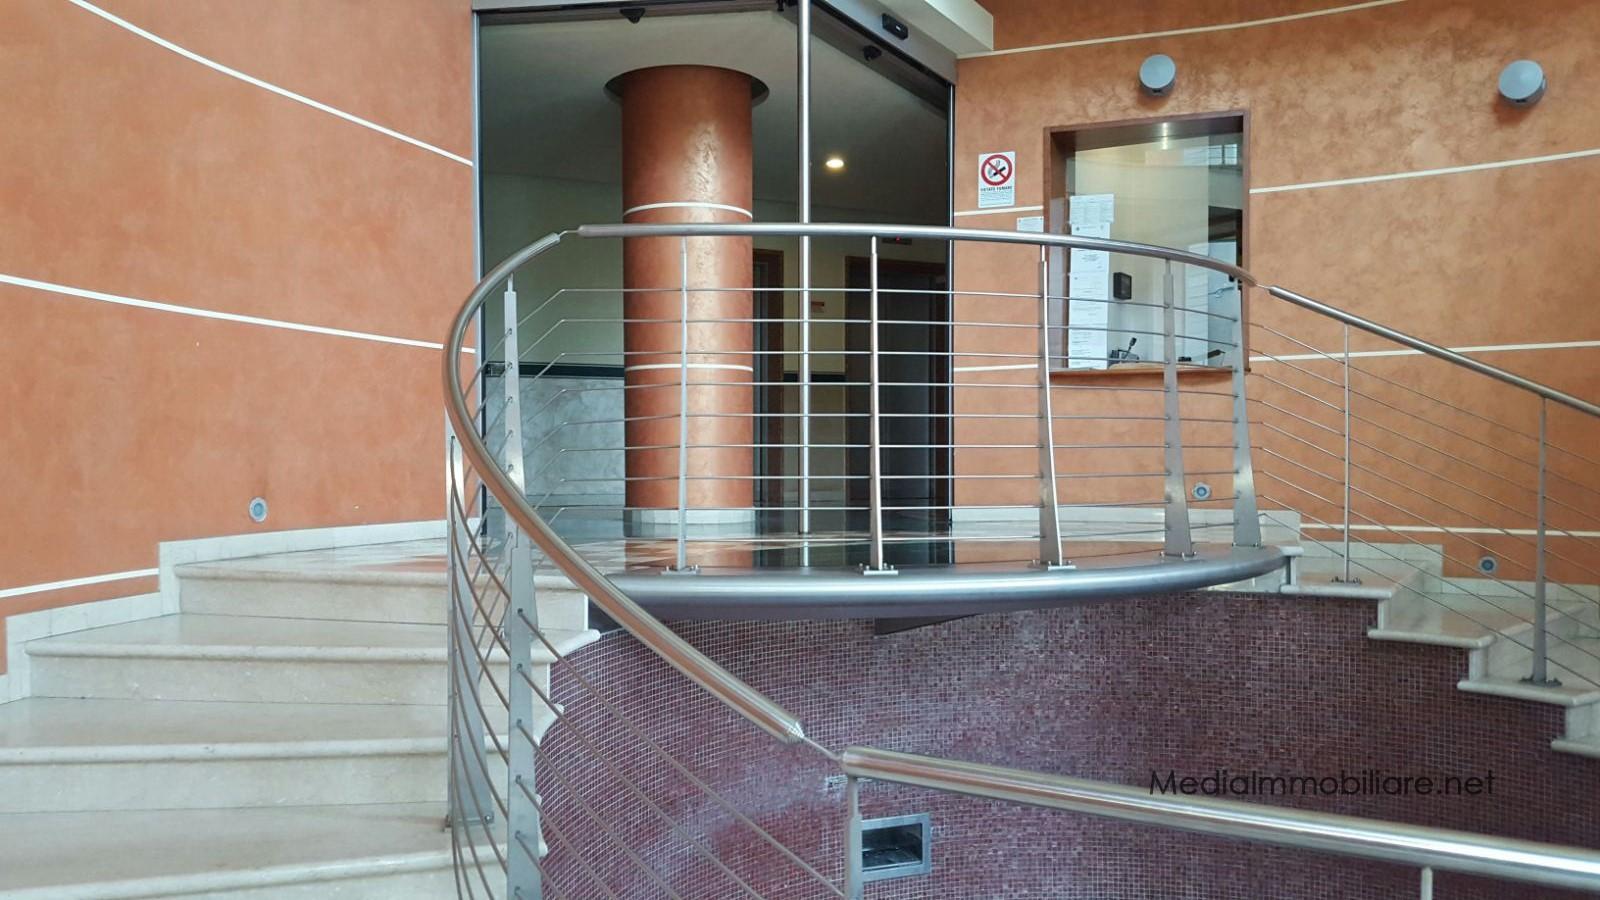 Via B. Verro loft open space su due livelli